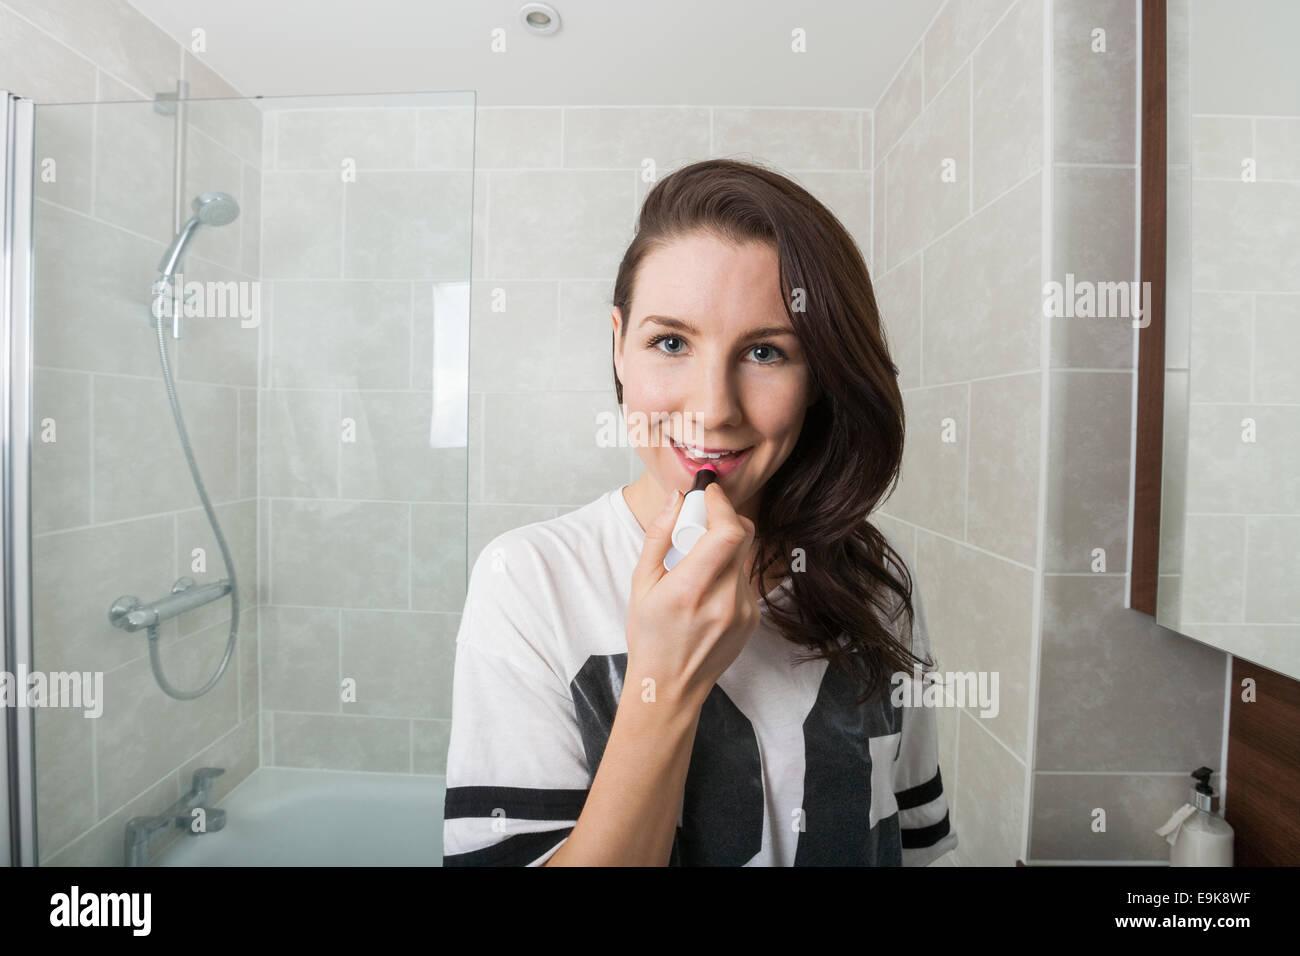 Portrait of young woman applying lipstick dans la salle de bains Photo Stock